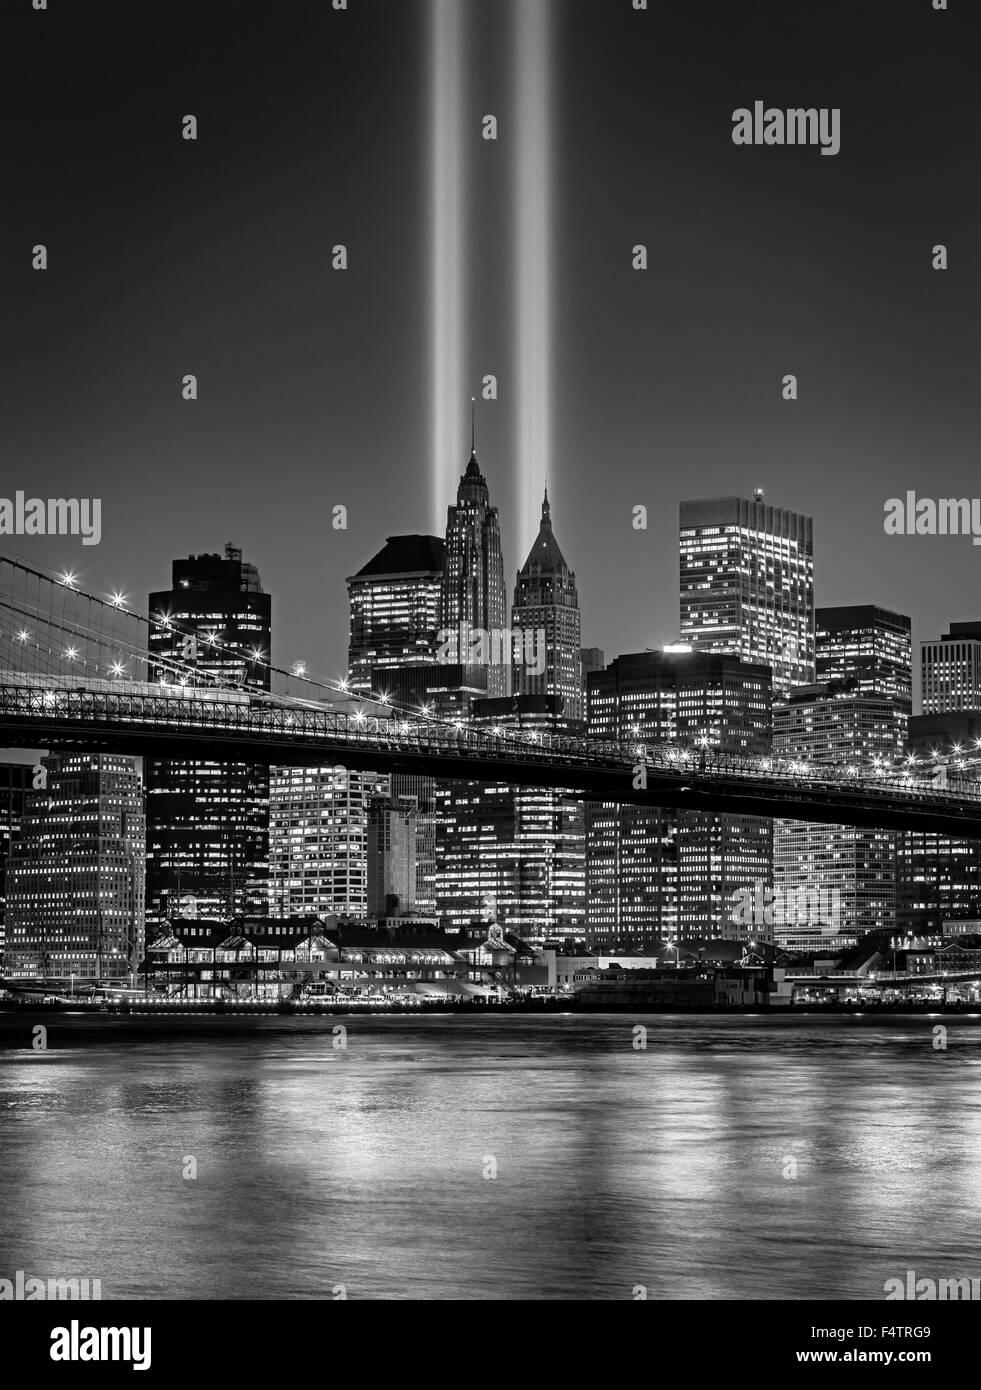 Der Tribute in Light, in Lower Manhattan mit beleuchteten Wolkenkratzern des Financial District in New York City Stockbild